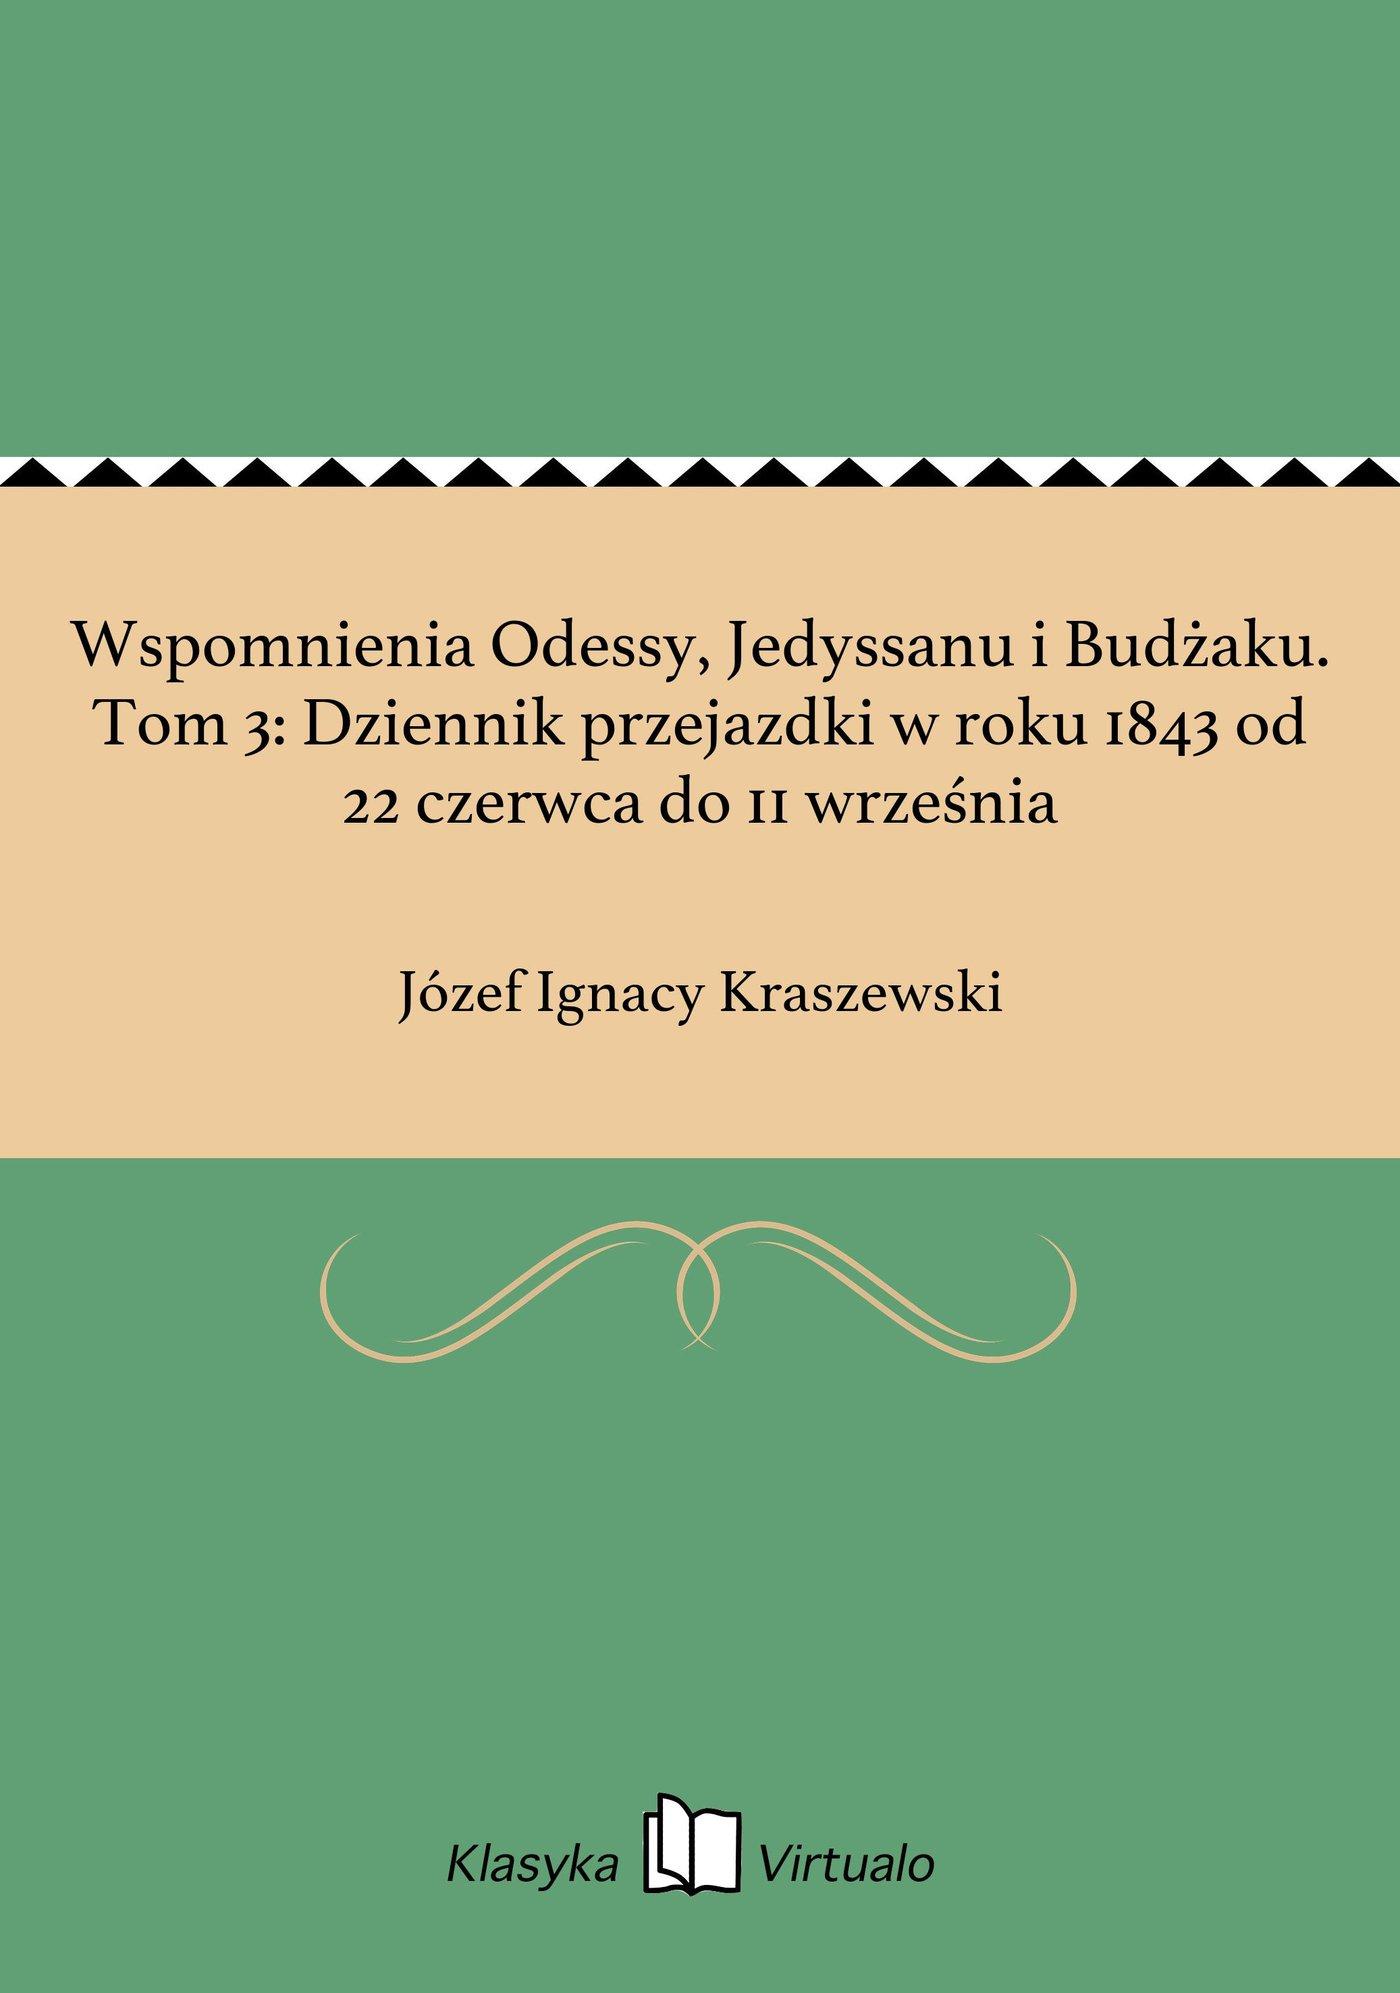 Wspomnienia Odessy, Jedyssanu i Budżaku. Tom 3: Dziennik przejazdki w roku 1843 od 22 czerwca do 11 września - Ebook (Książka EPUB) do pobrania w formacie EPUB